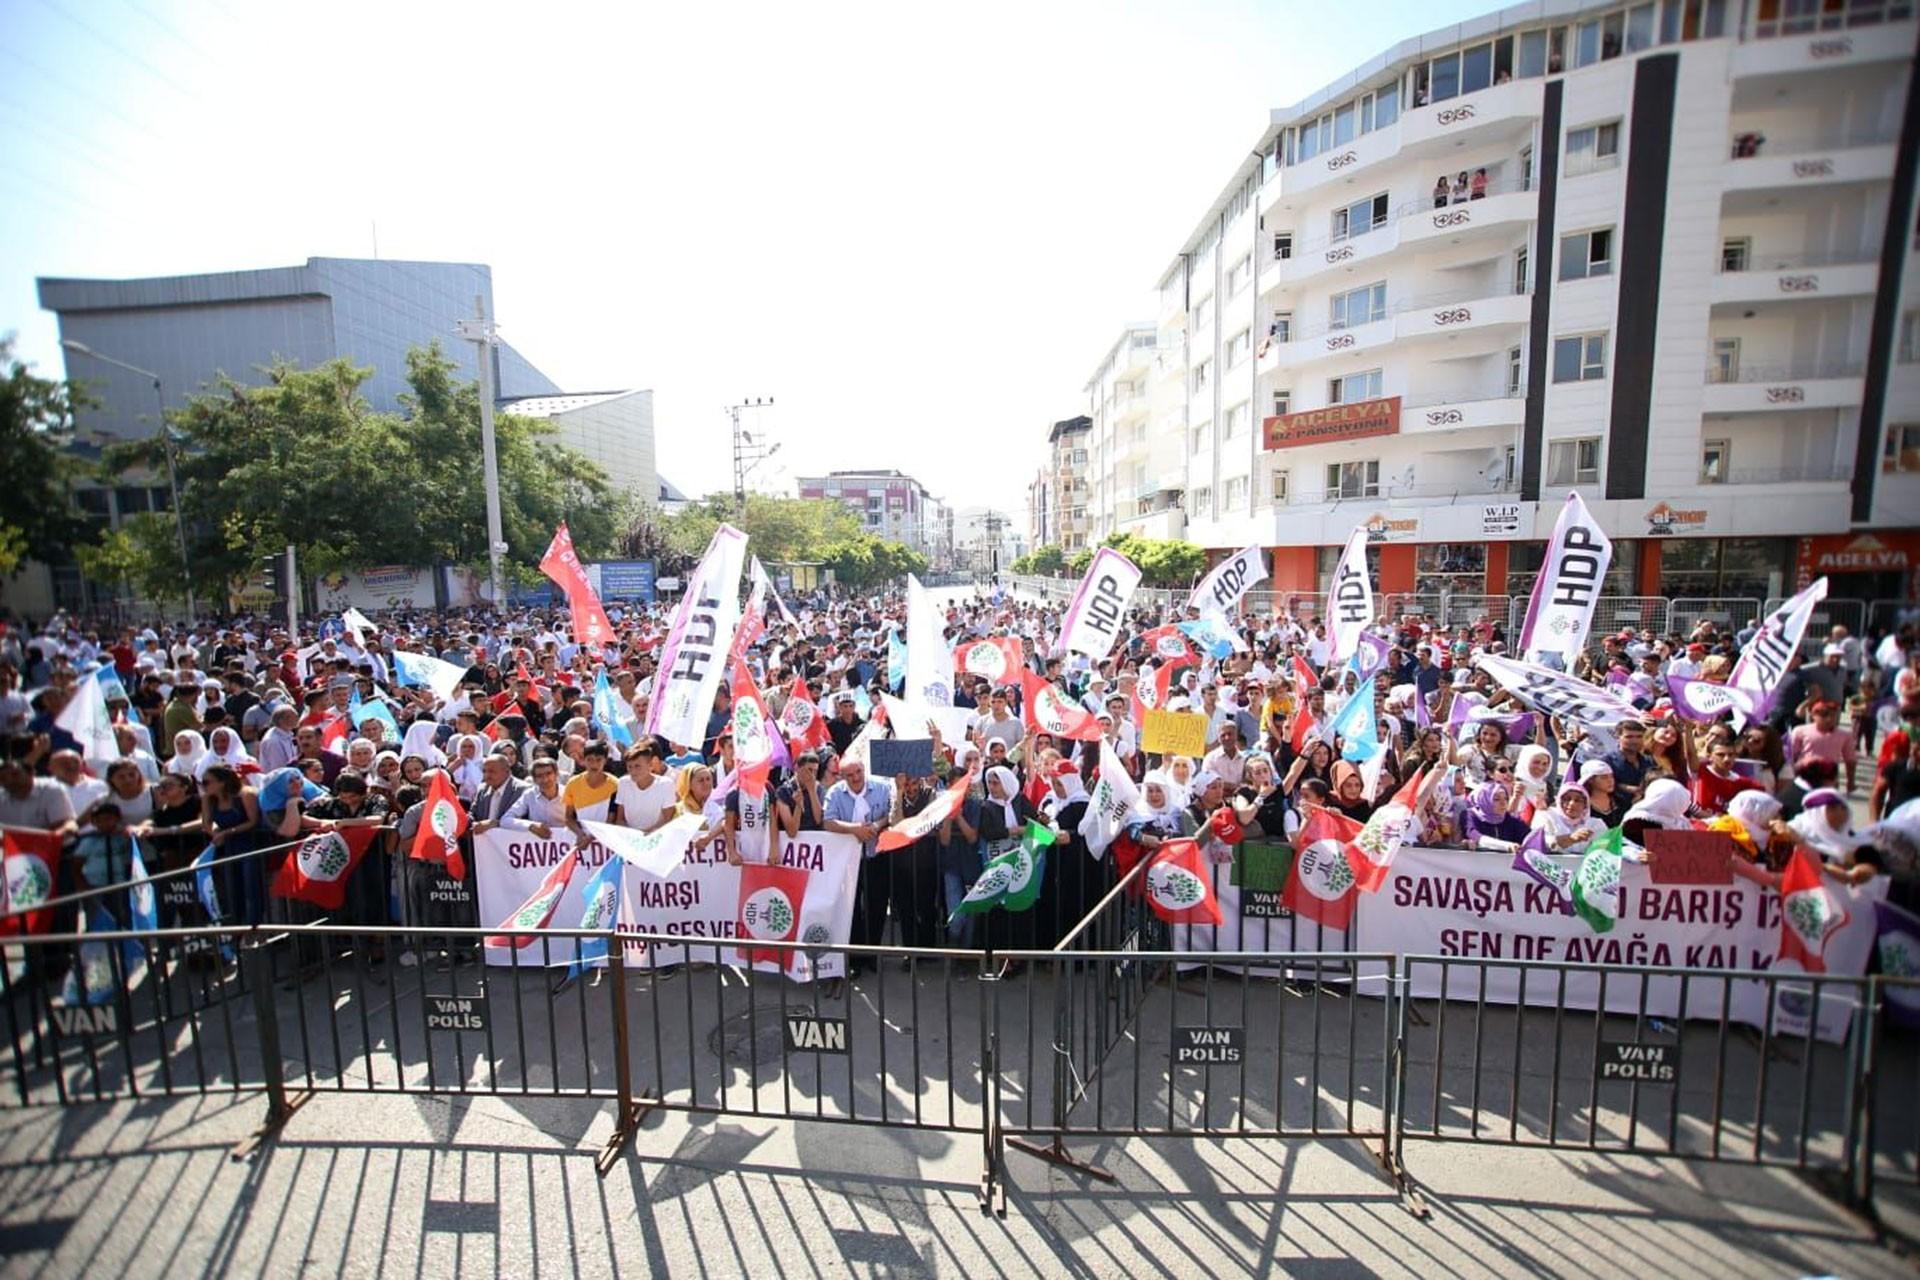 Van'da 1 Eylül mitingi: Halk kayyum darbesini kabul etmiyor, barış istiyor